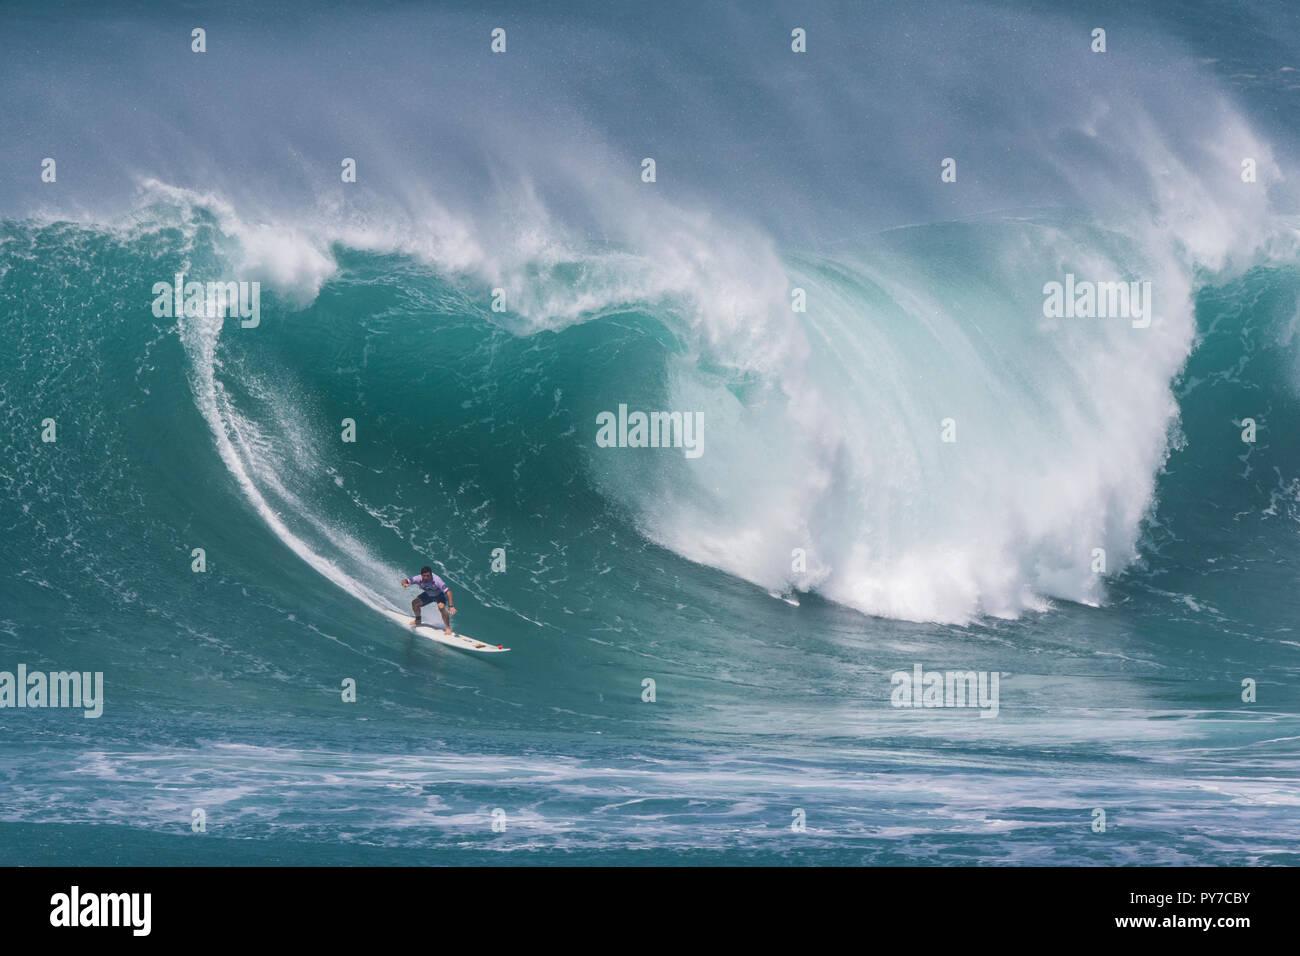 Surfer à l'Eddie Aikau 2016 Concours de surf. Photo Stock